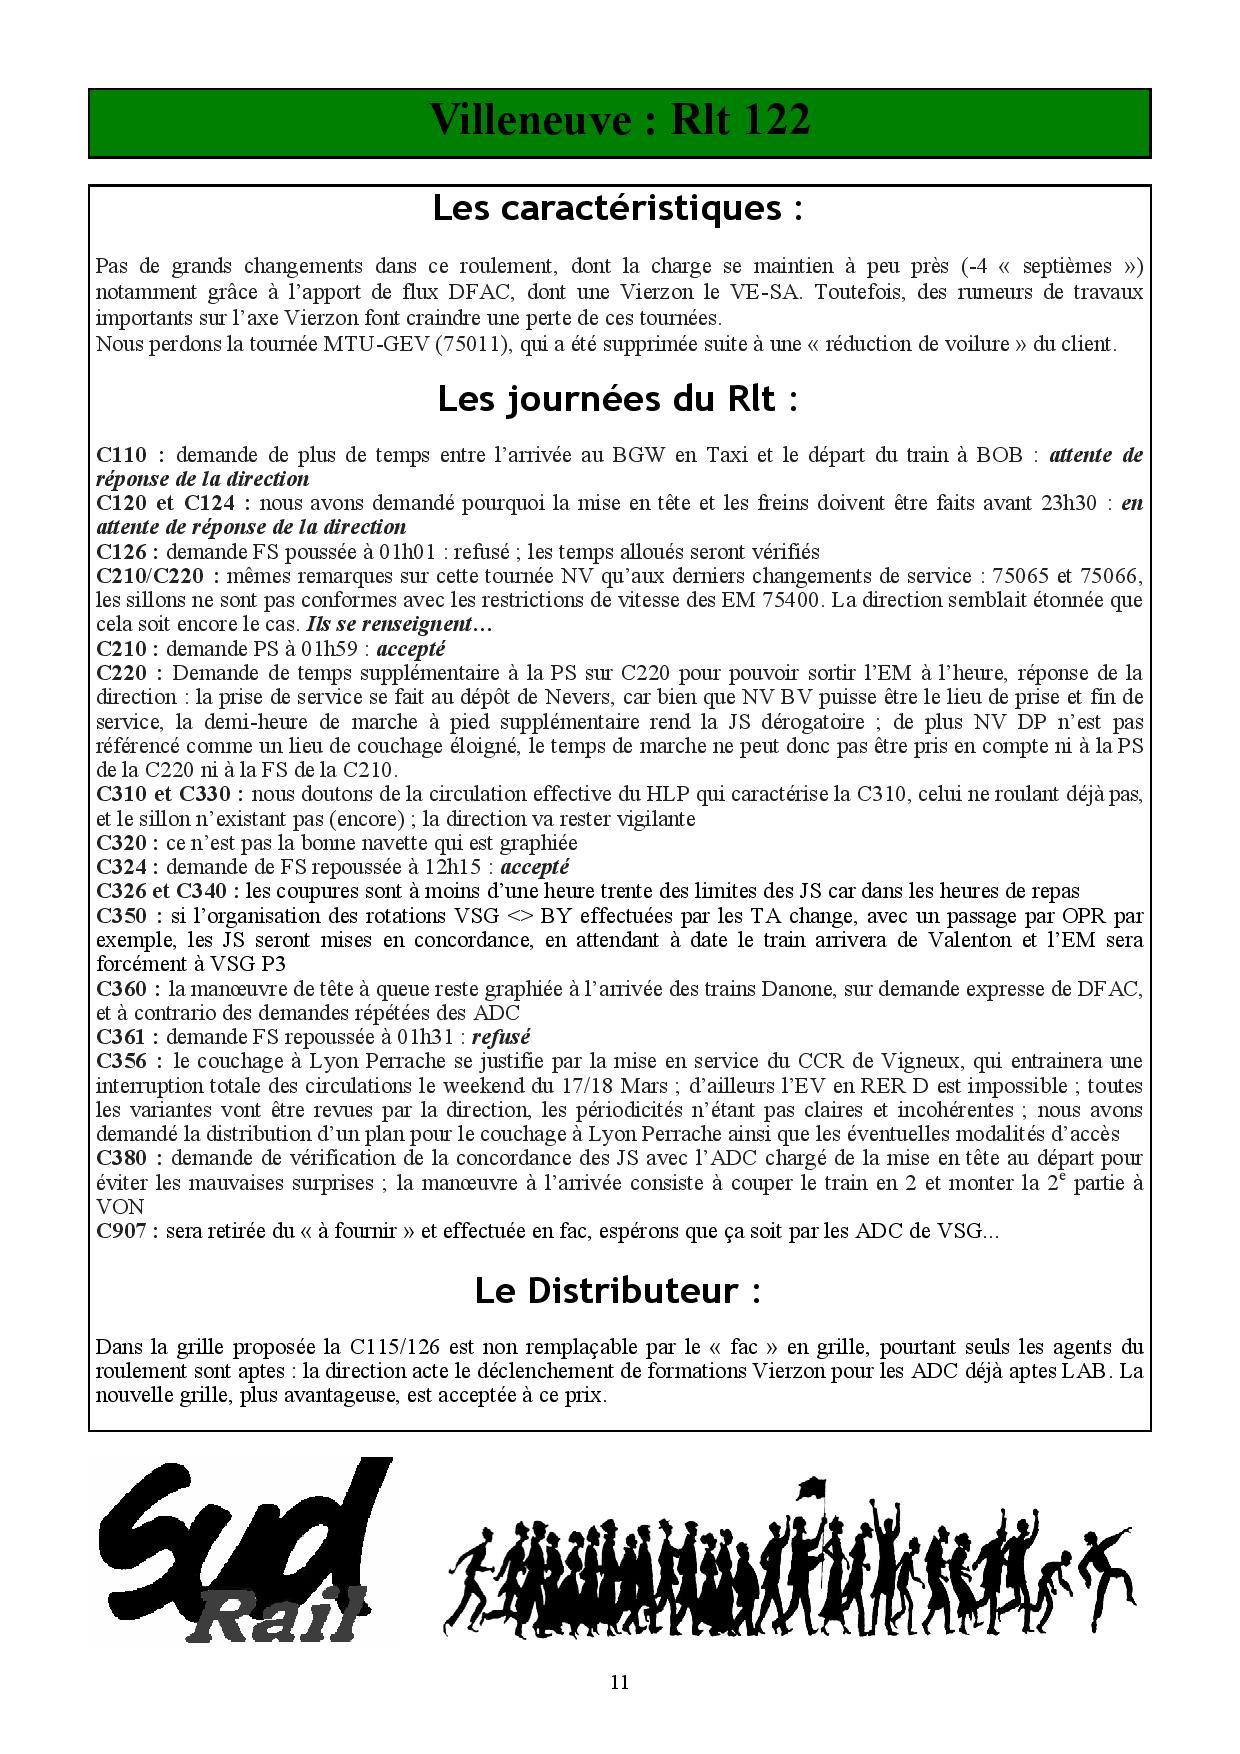 fret-cr-rlt-nov-2016-page-011